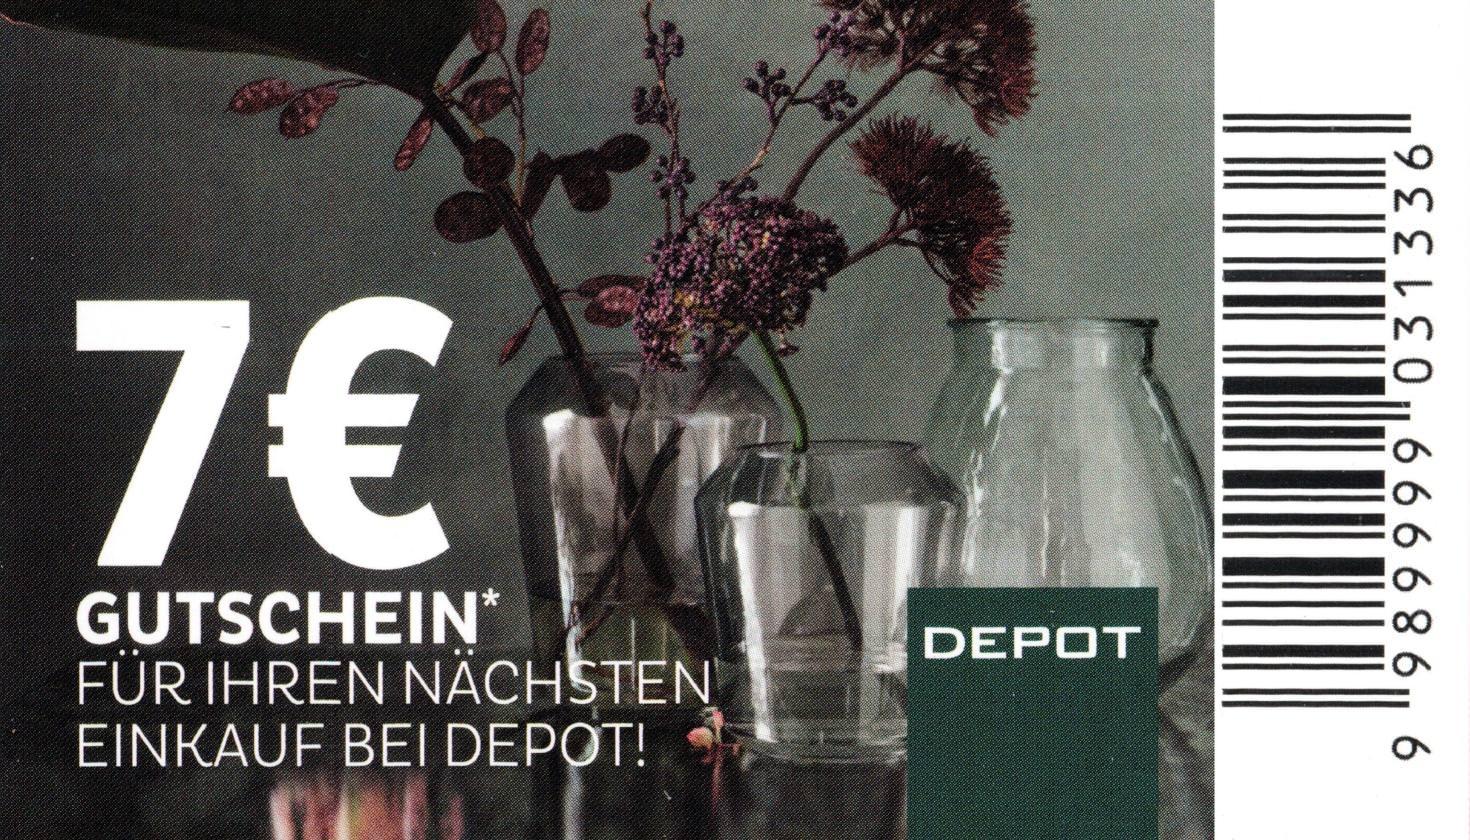 [Depot] 7,00€ Depot Gutschein als Entschädigung für Lieferengpass [Rocher Aktion]